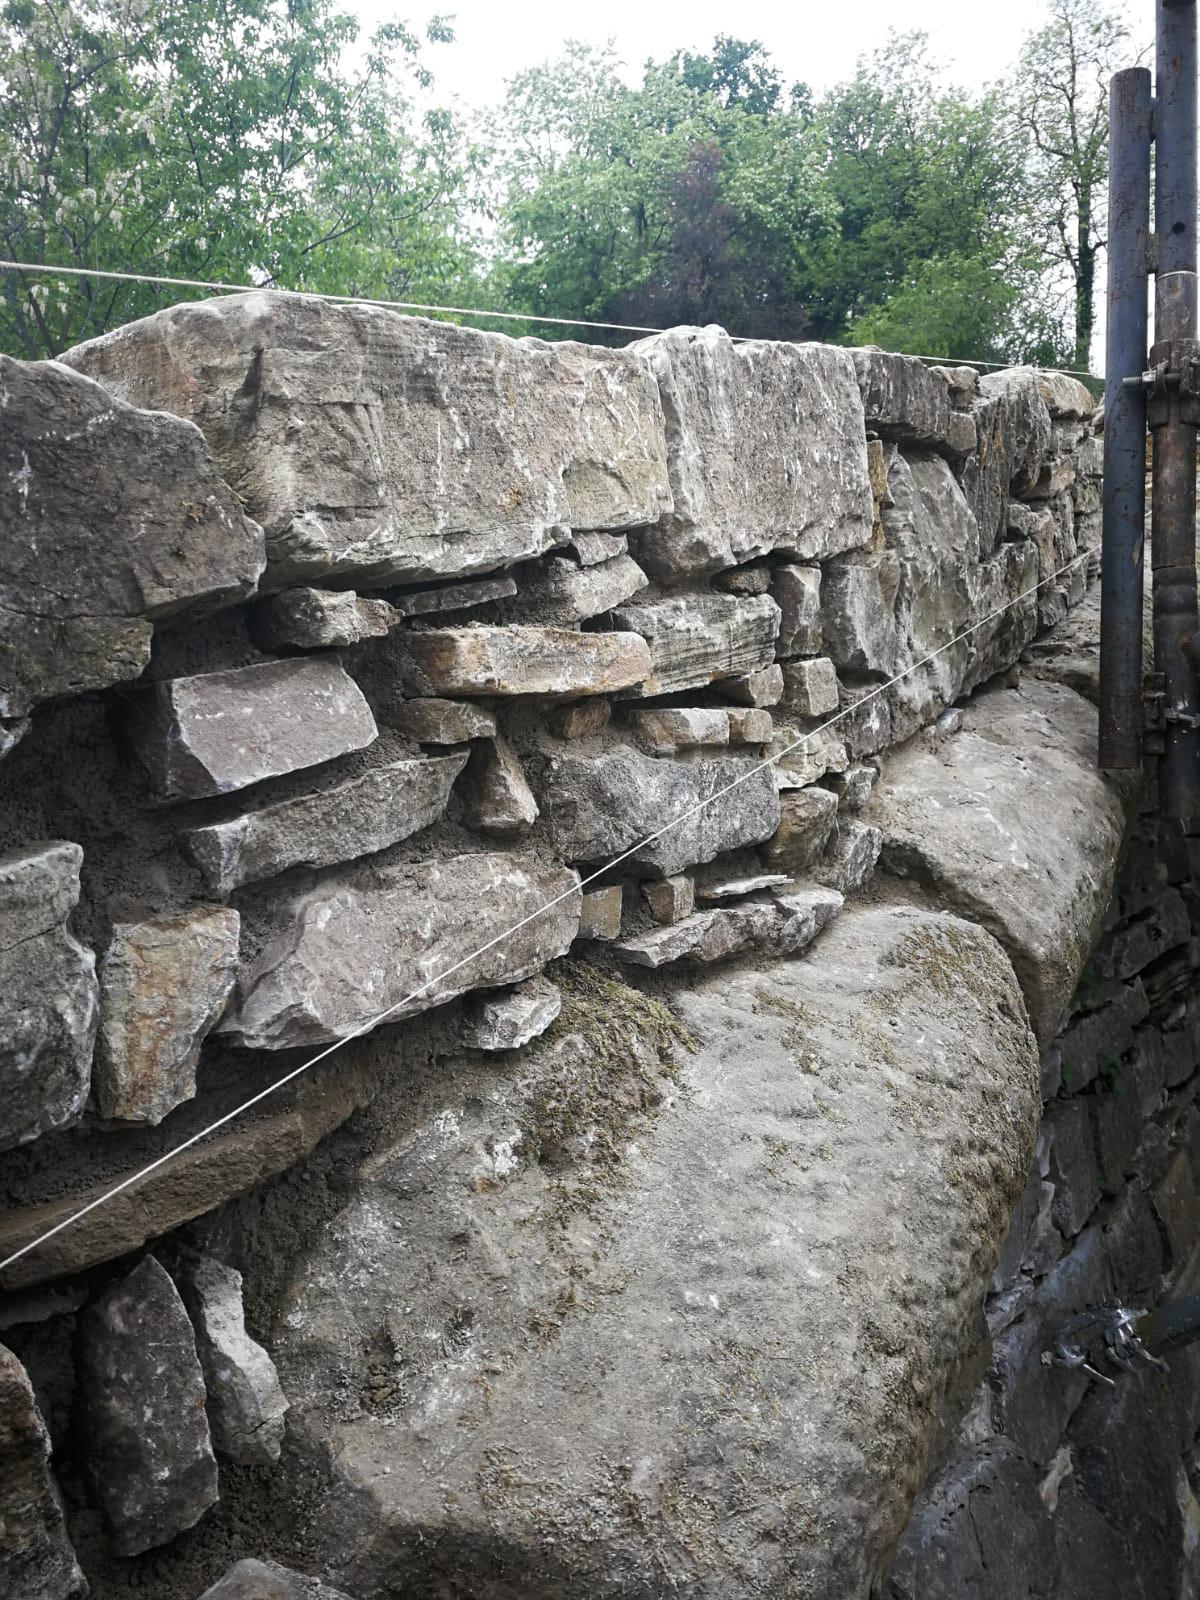 Perico-Renato-Bergamo, Città Alta - Mura venete - Restauro 13